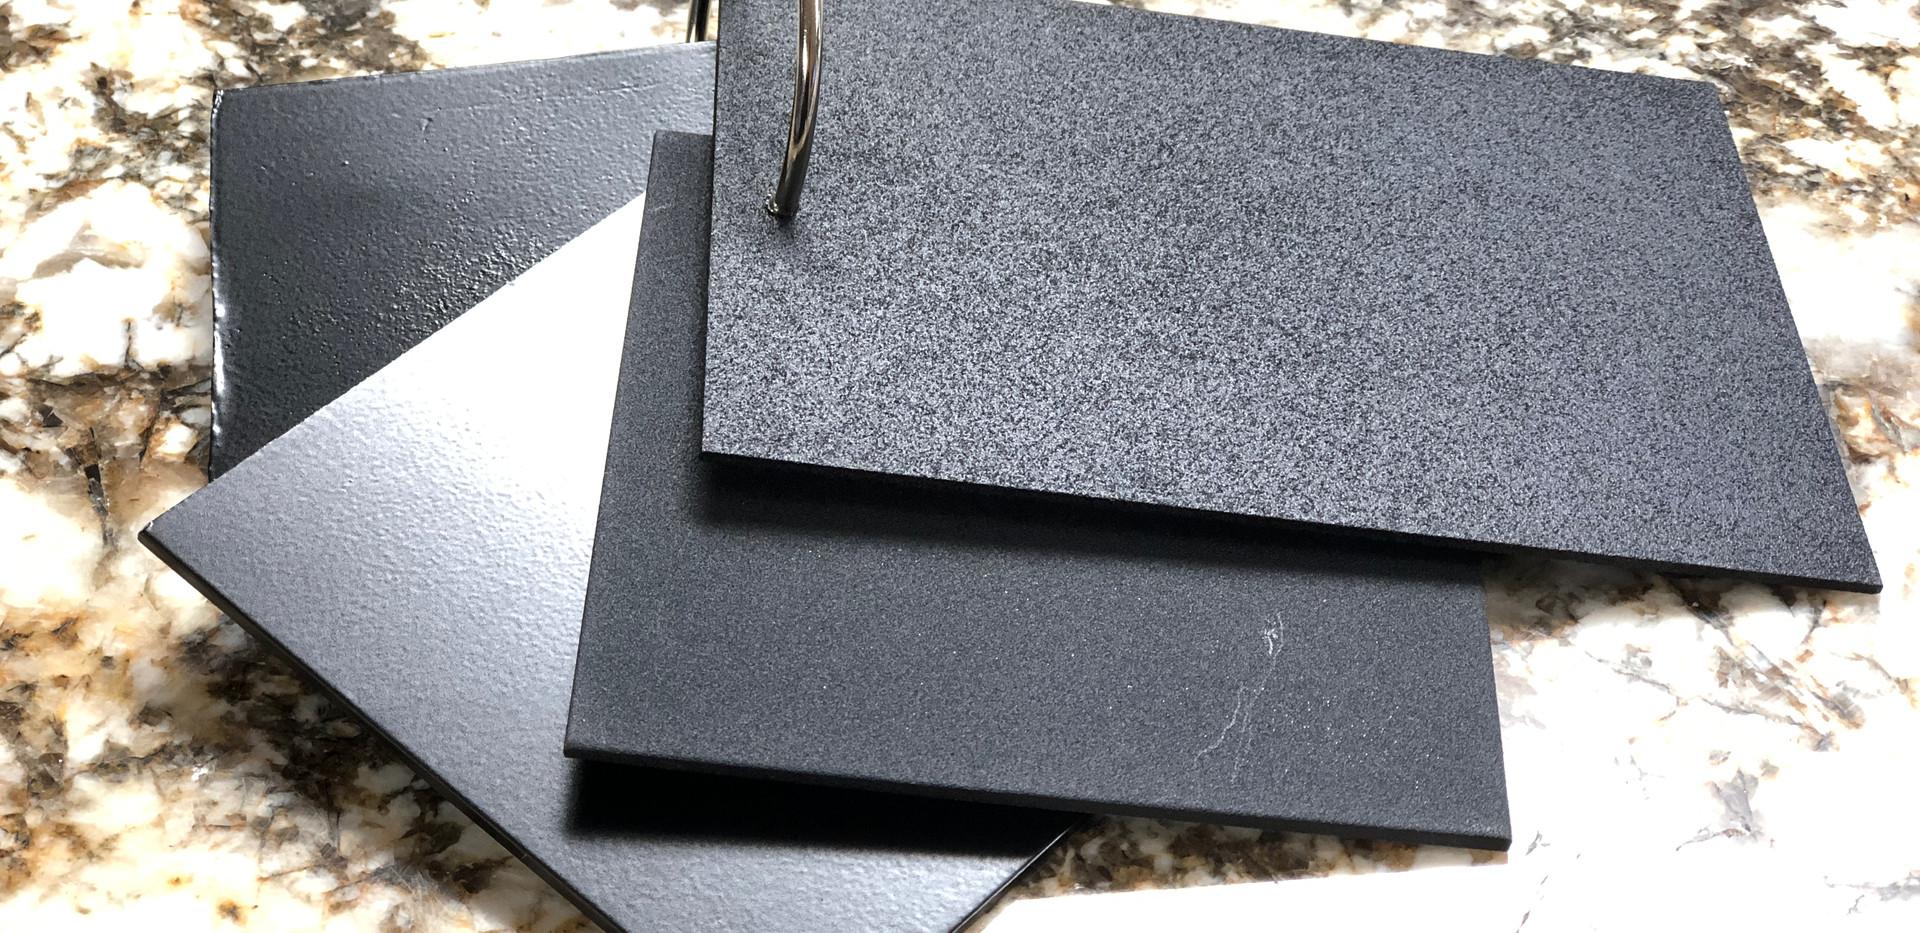 Powder Coat Texture Options